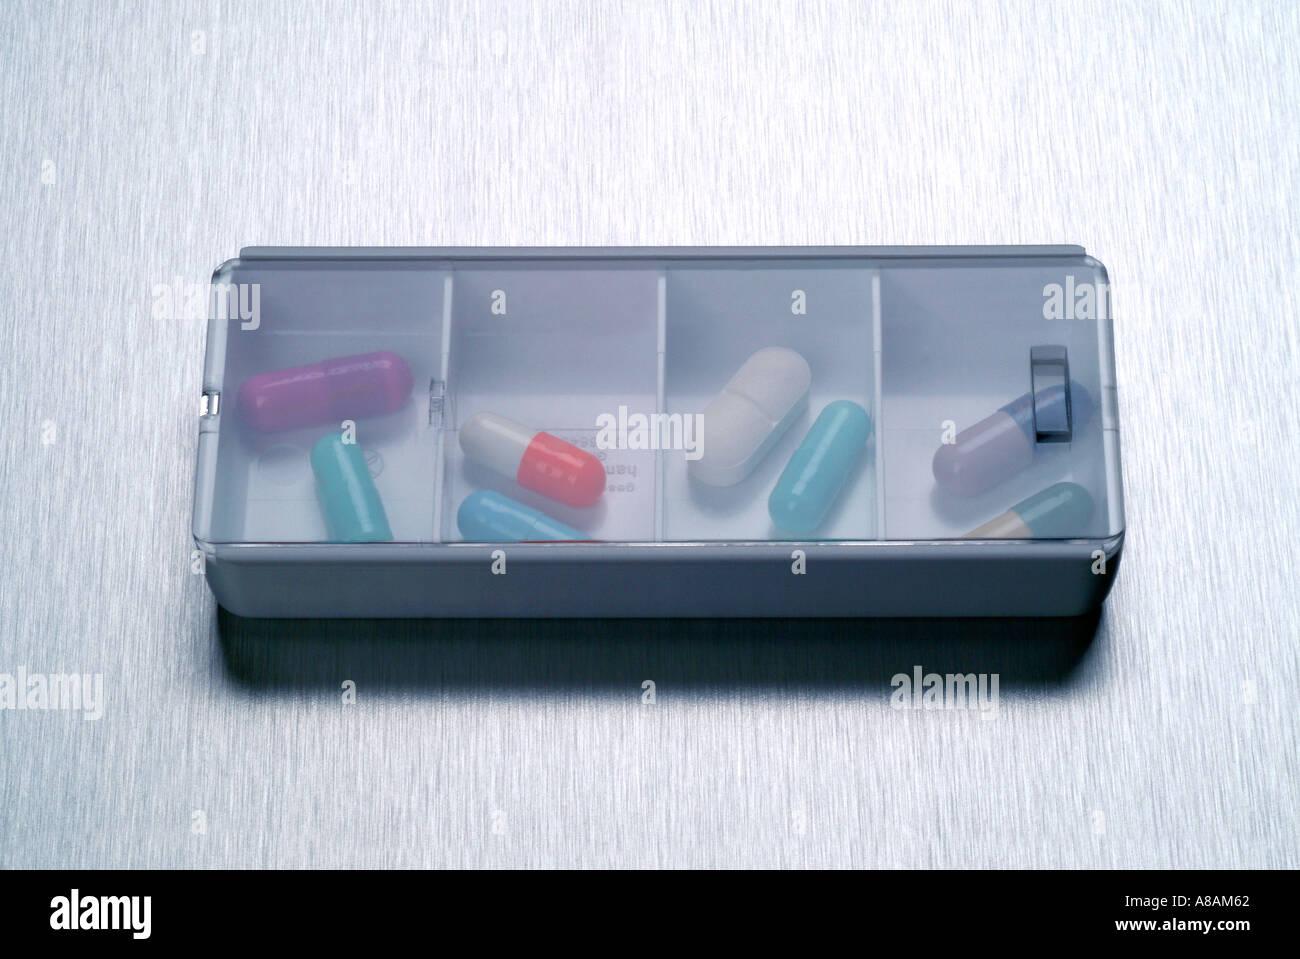 tablets Tabletten Kapseln Stock Photo